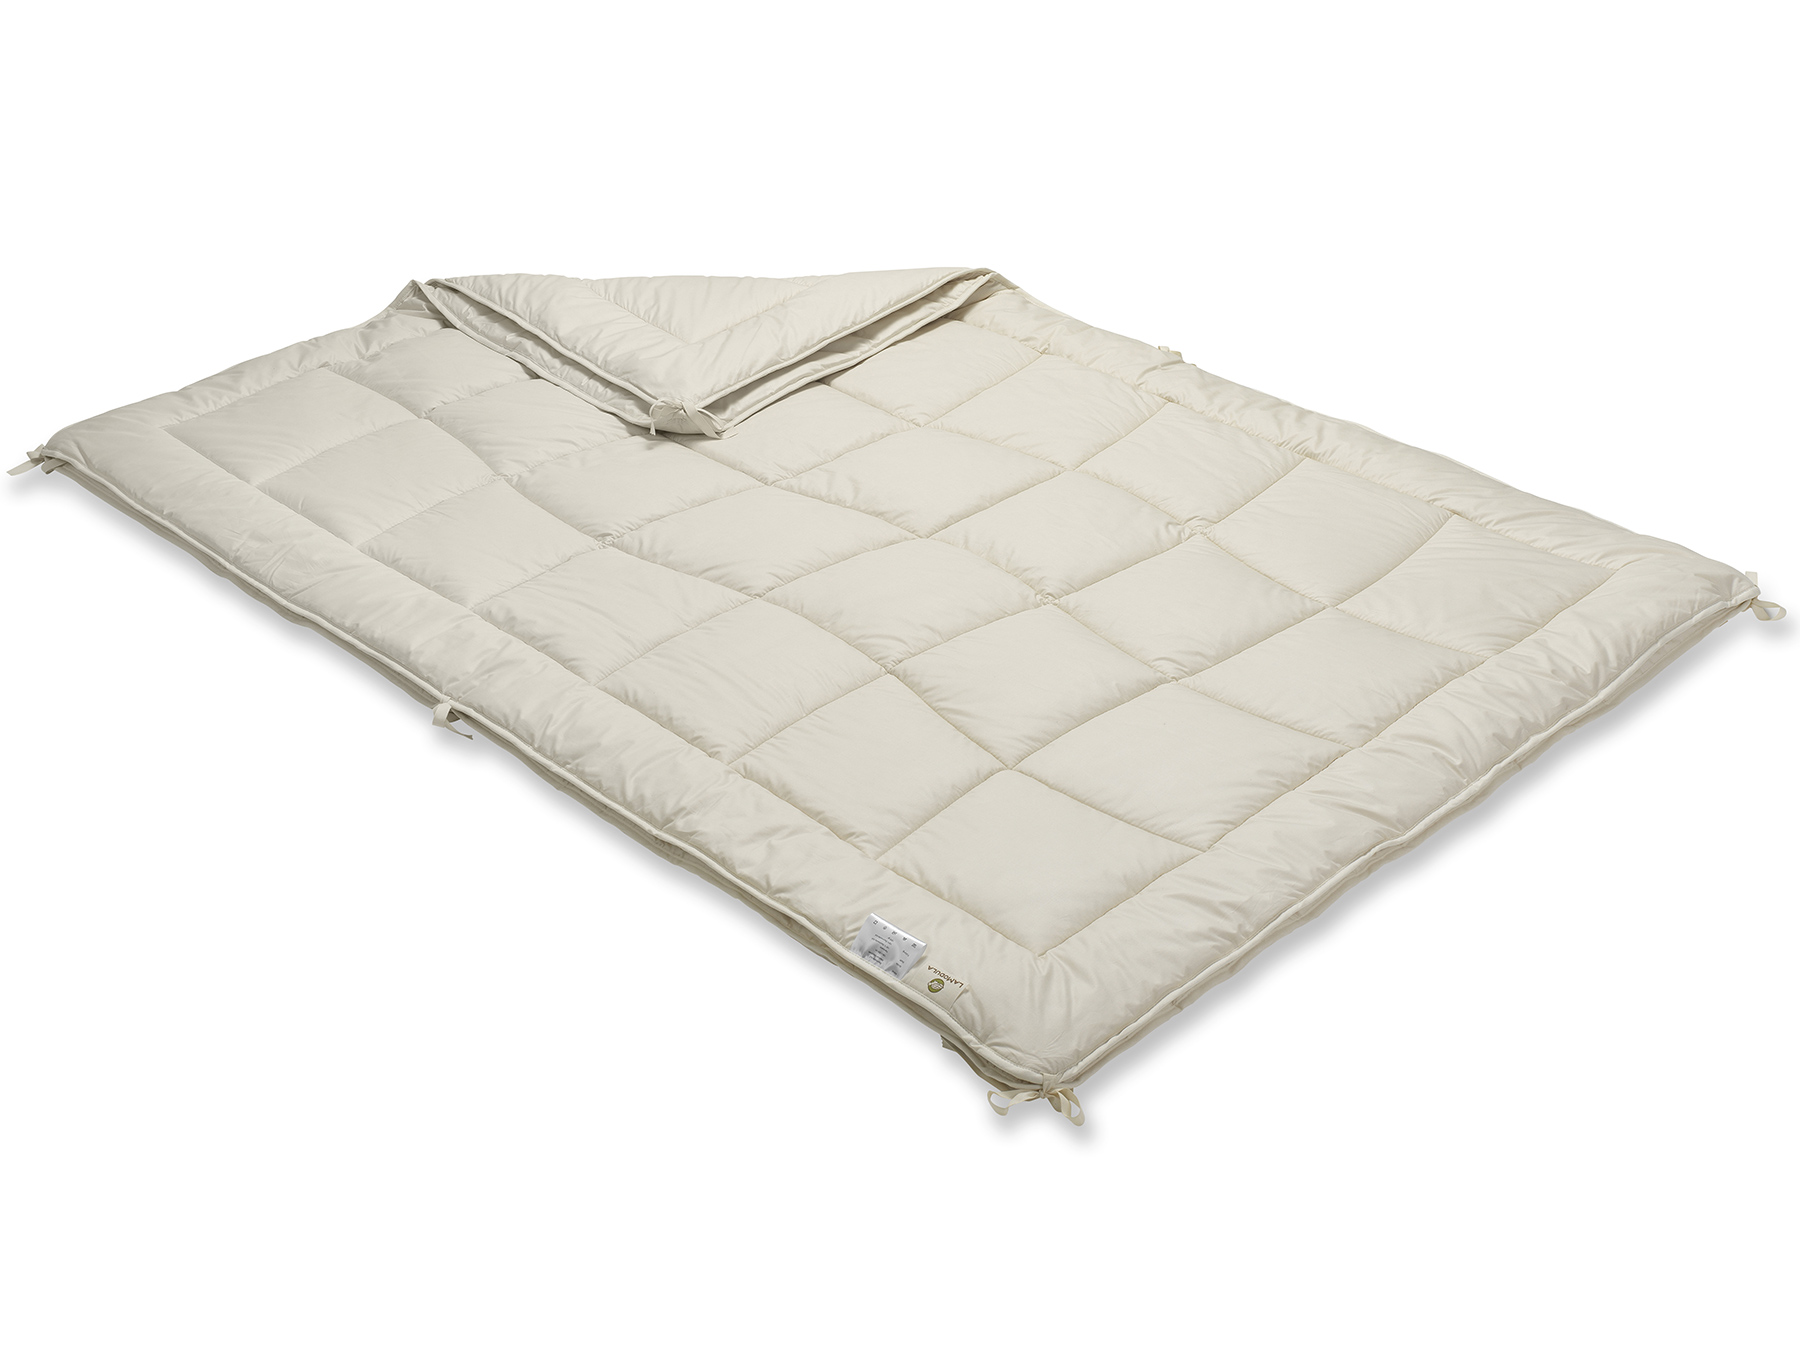 Mit praktischen Bändern werden die leichte und die Medium-Decke miteinander verknüpft.